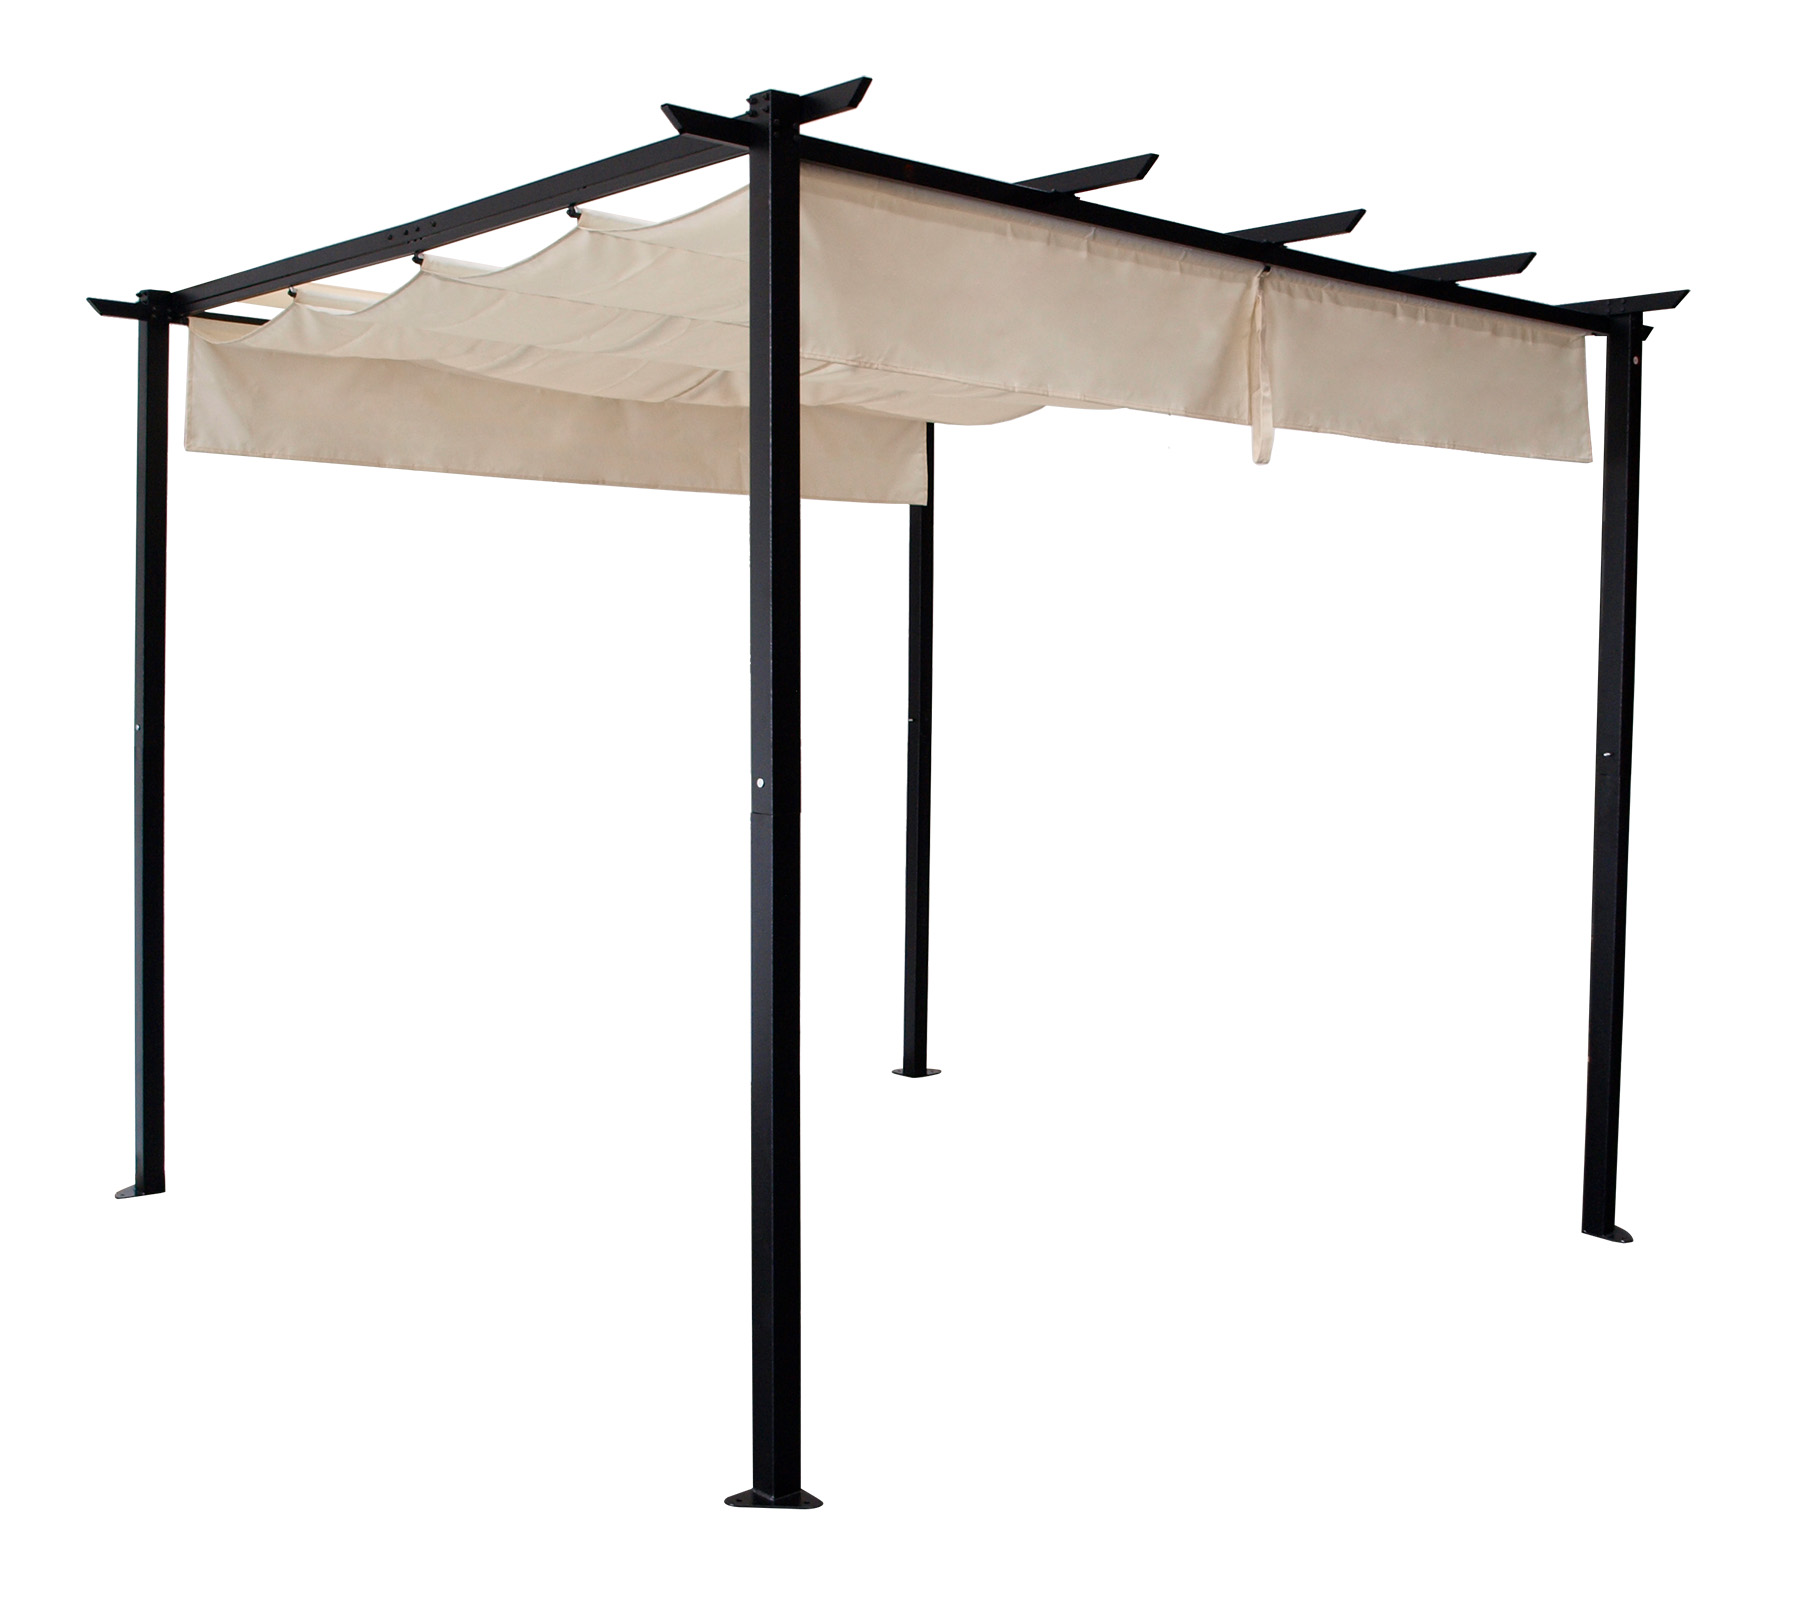 Pavillon ANTIBES 3x3 Meter, Stahl schwarz, Schiebeplane écru